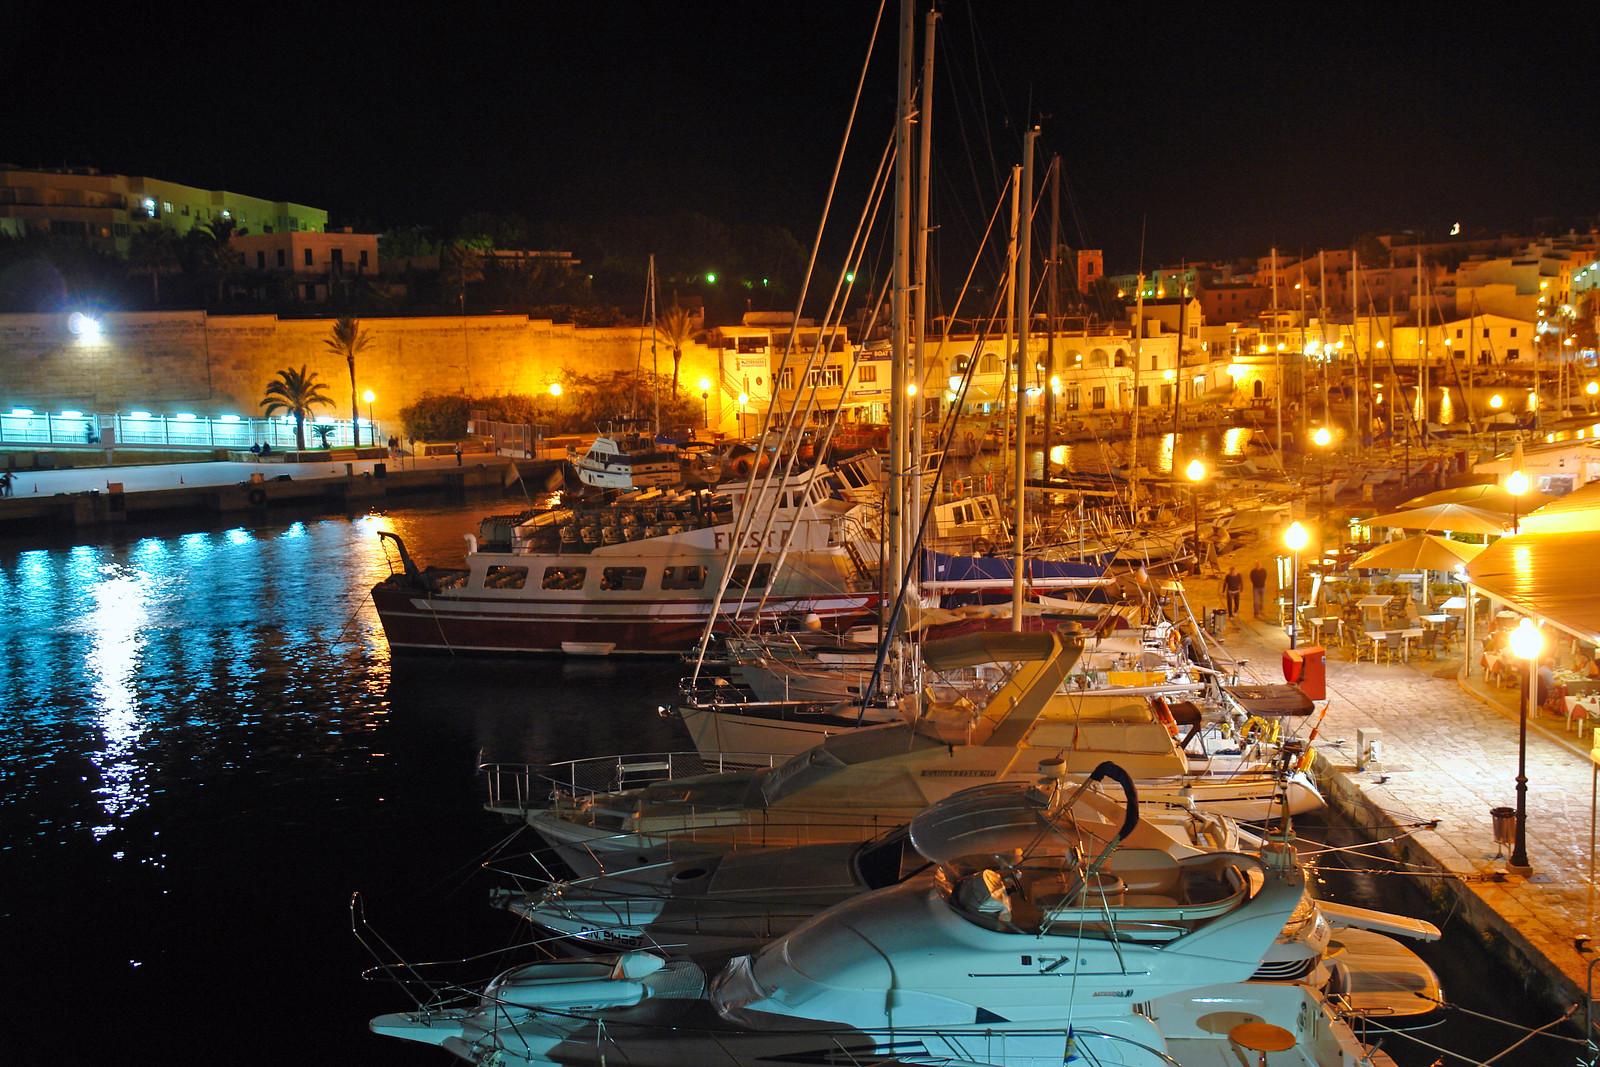 Qué ver en Menorca, Islas Baleares - thewotme qué ver en menorca - 50046798901 8541a1cf1c h - Qué ver en Menorca, lugares a NO perderse